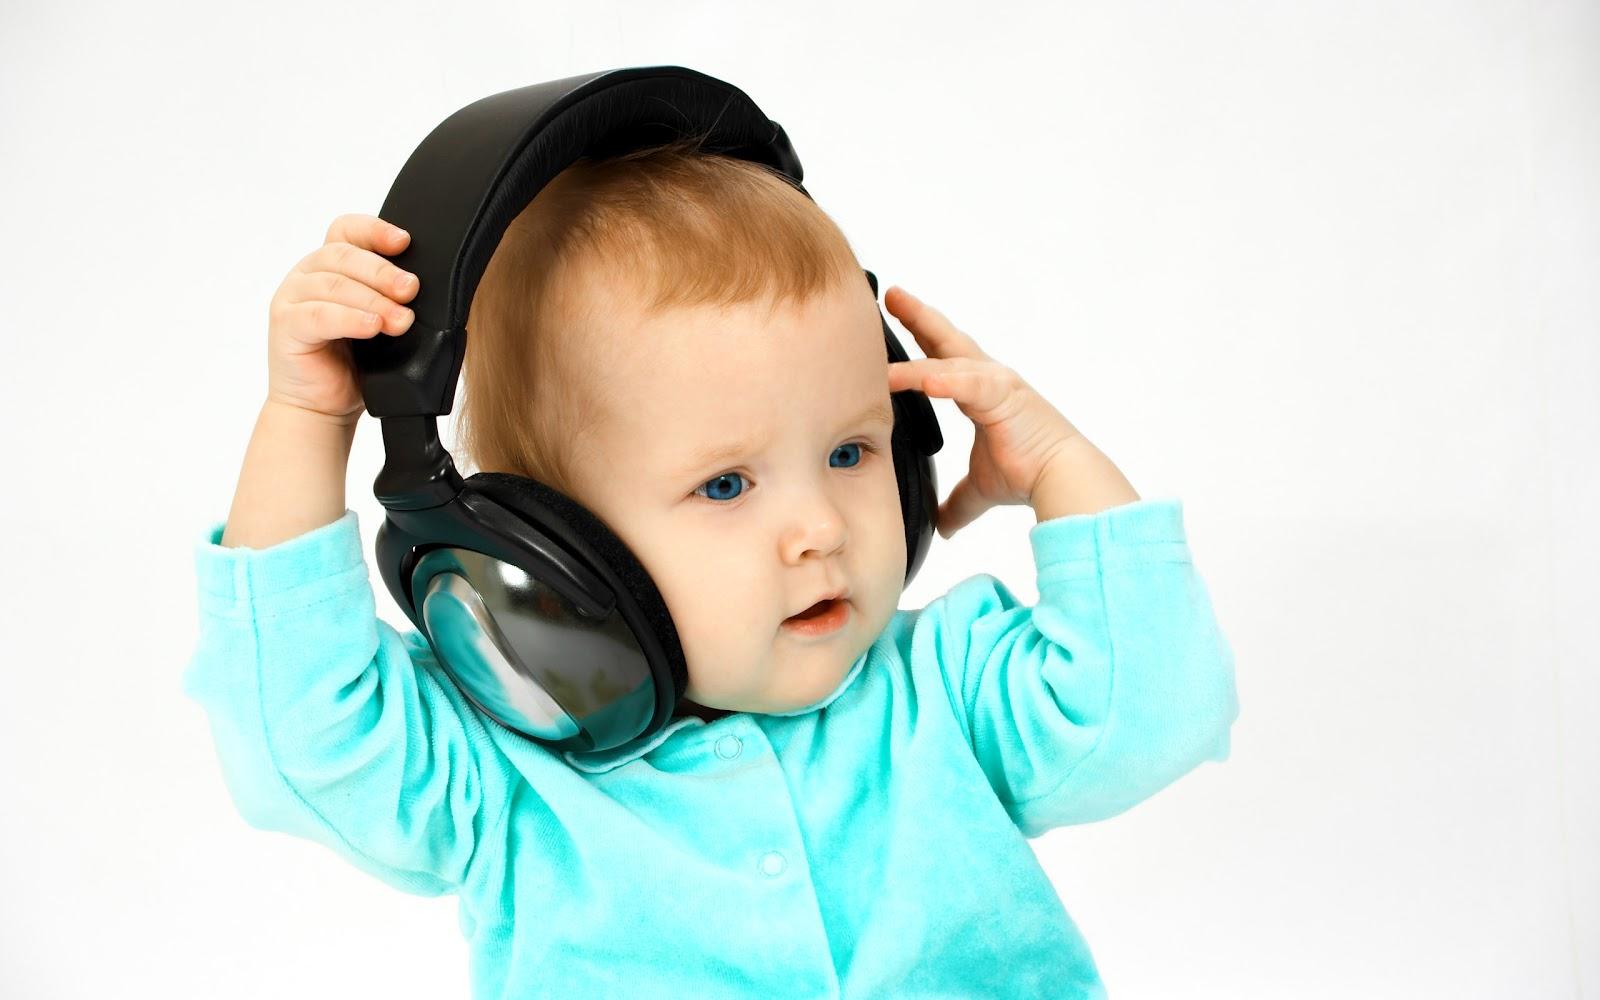 http://2.bp.blogspot.com/-NWG68pqDPnE/T7txd1xt76I/AAAAAAAAAUs/-vOg7KNeSTs/s1600/baby-cute-wallpaper_2560x1600_84394.jpg